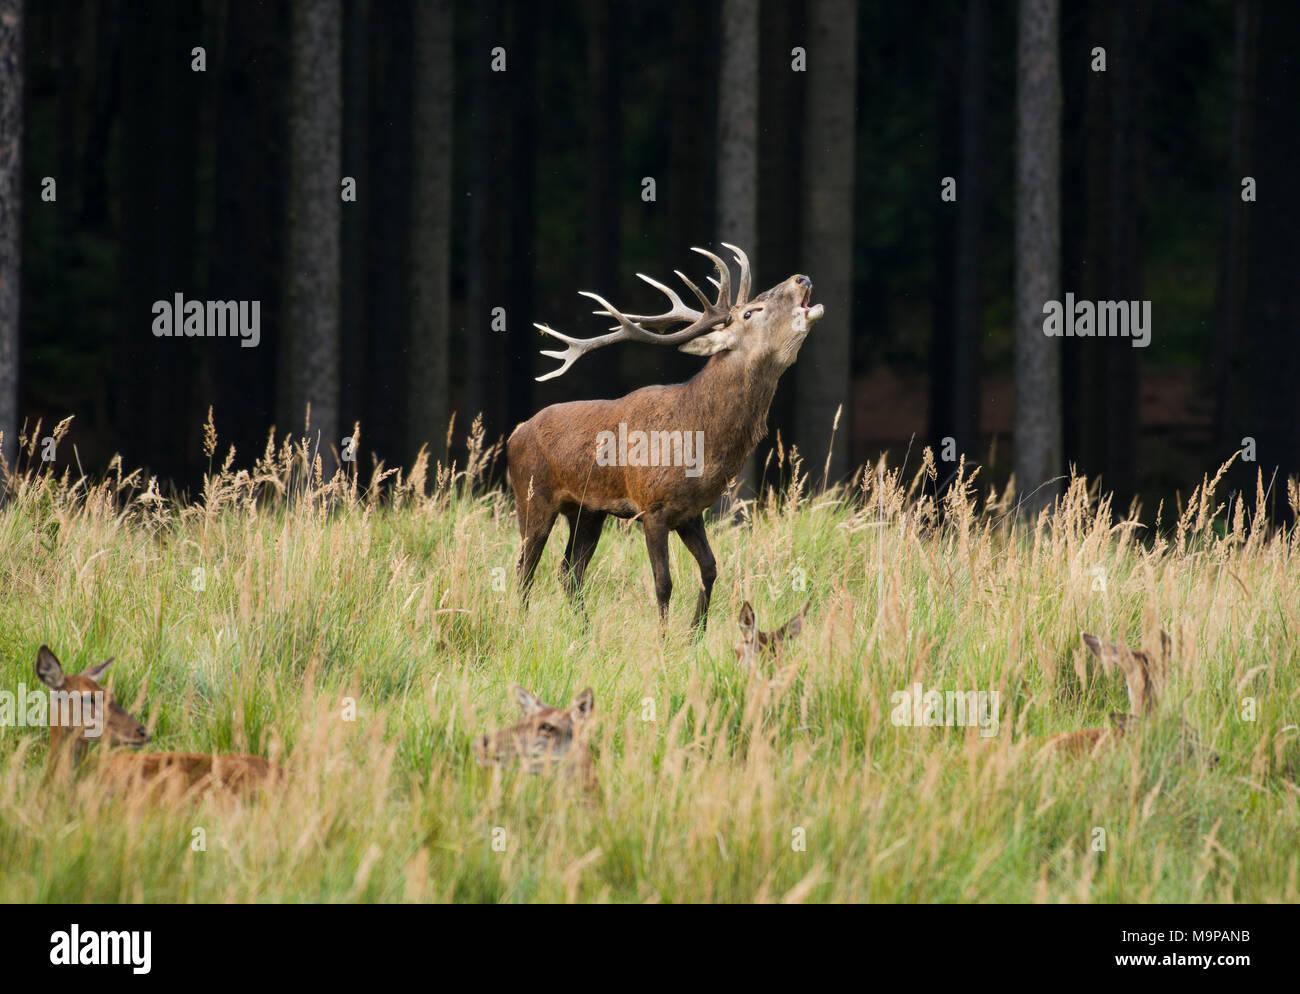 Ciervo rojo (Cervus elaphus) ruge durante la temporada de celo, las hembras se encuentran en pastos altos, cautiva, Alemania Imagen De Stock